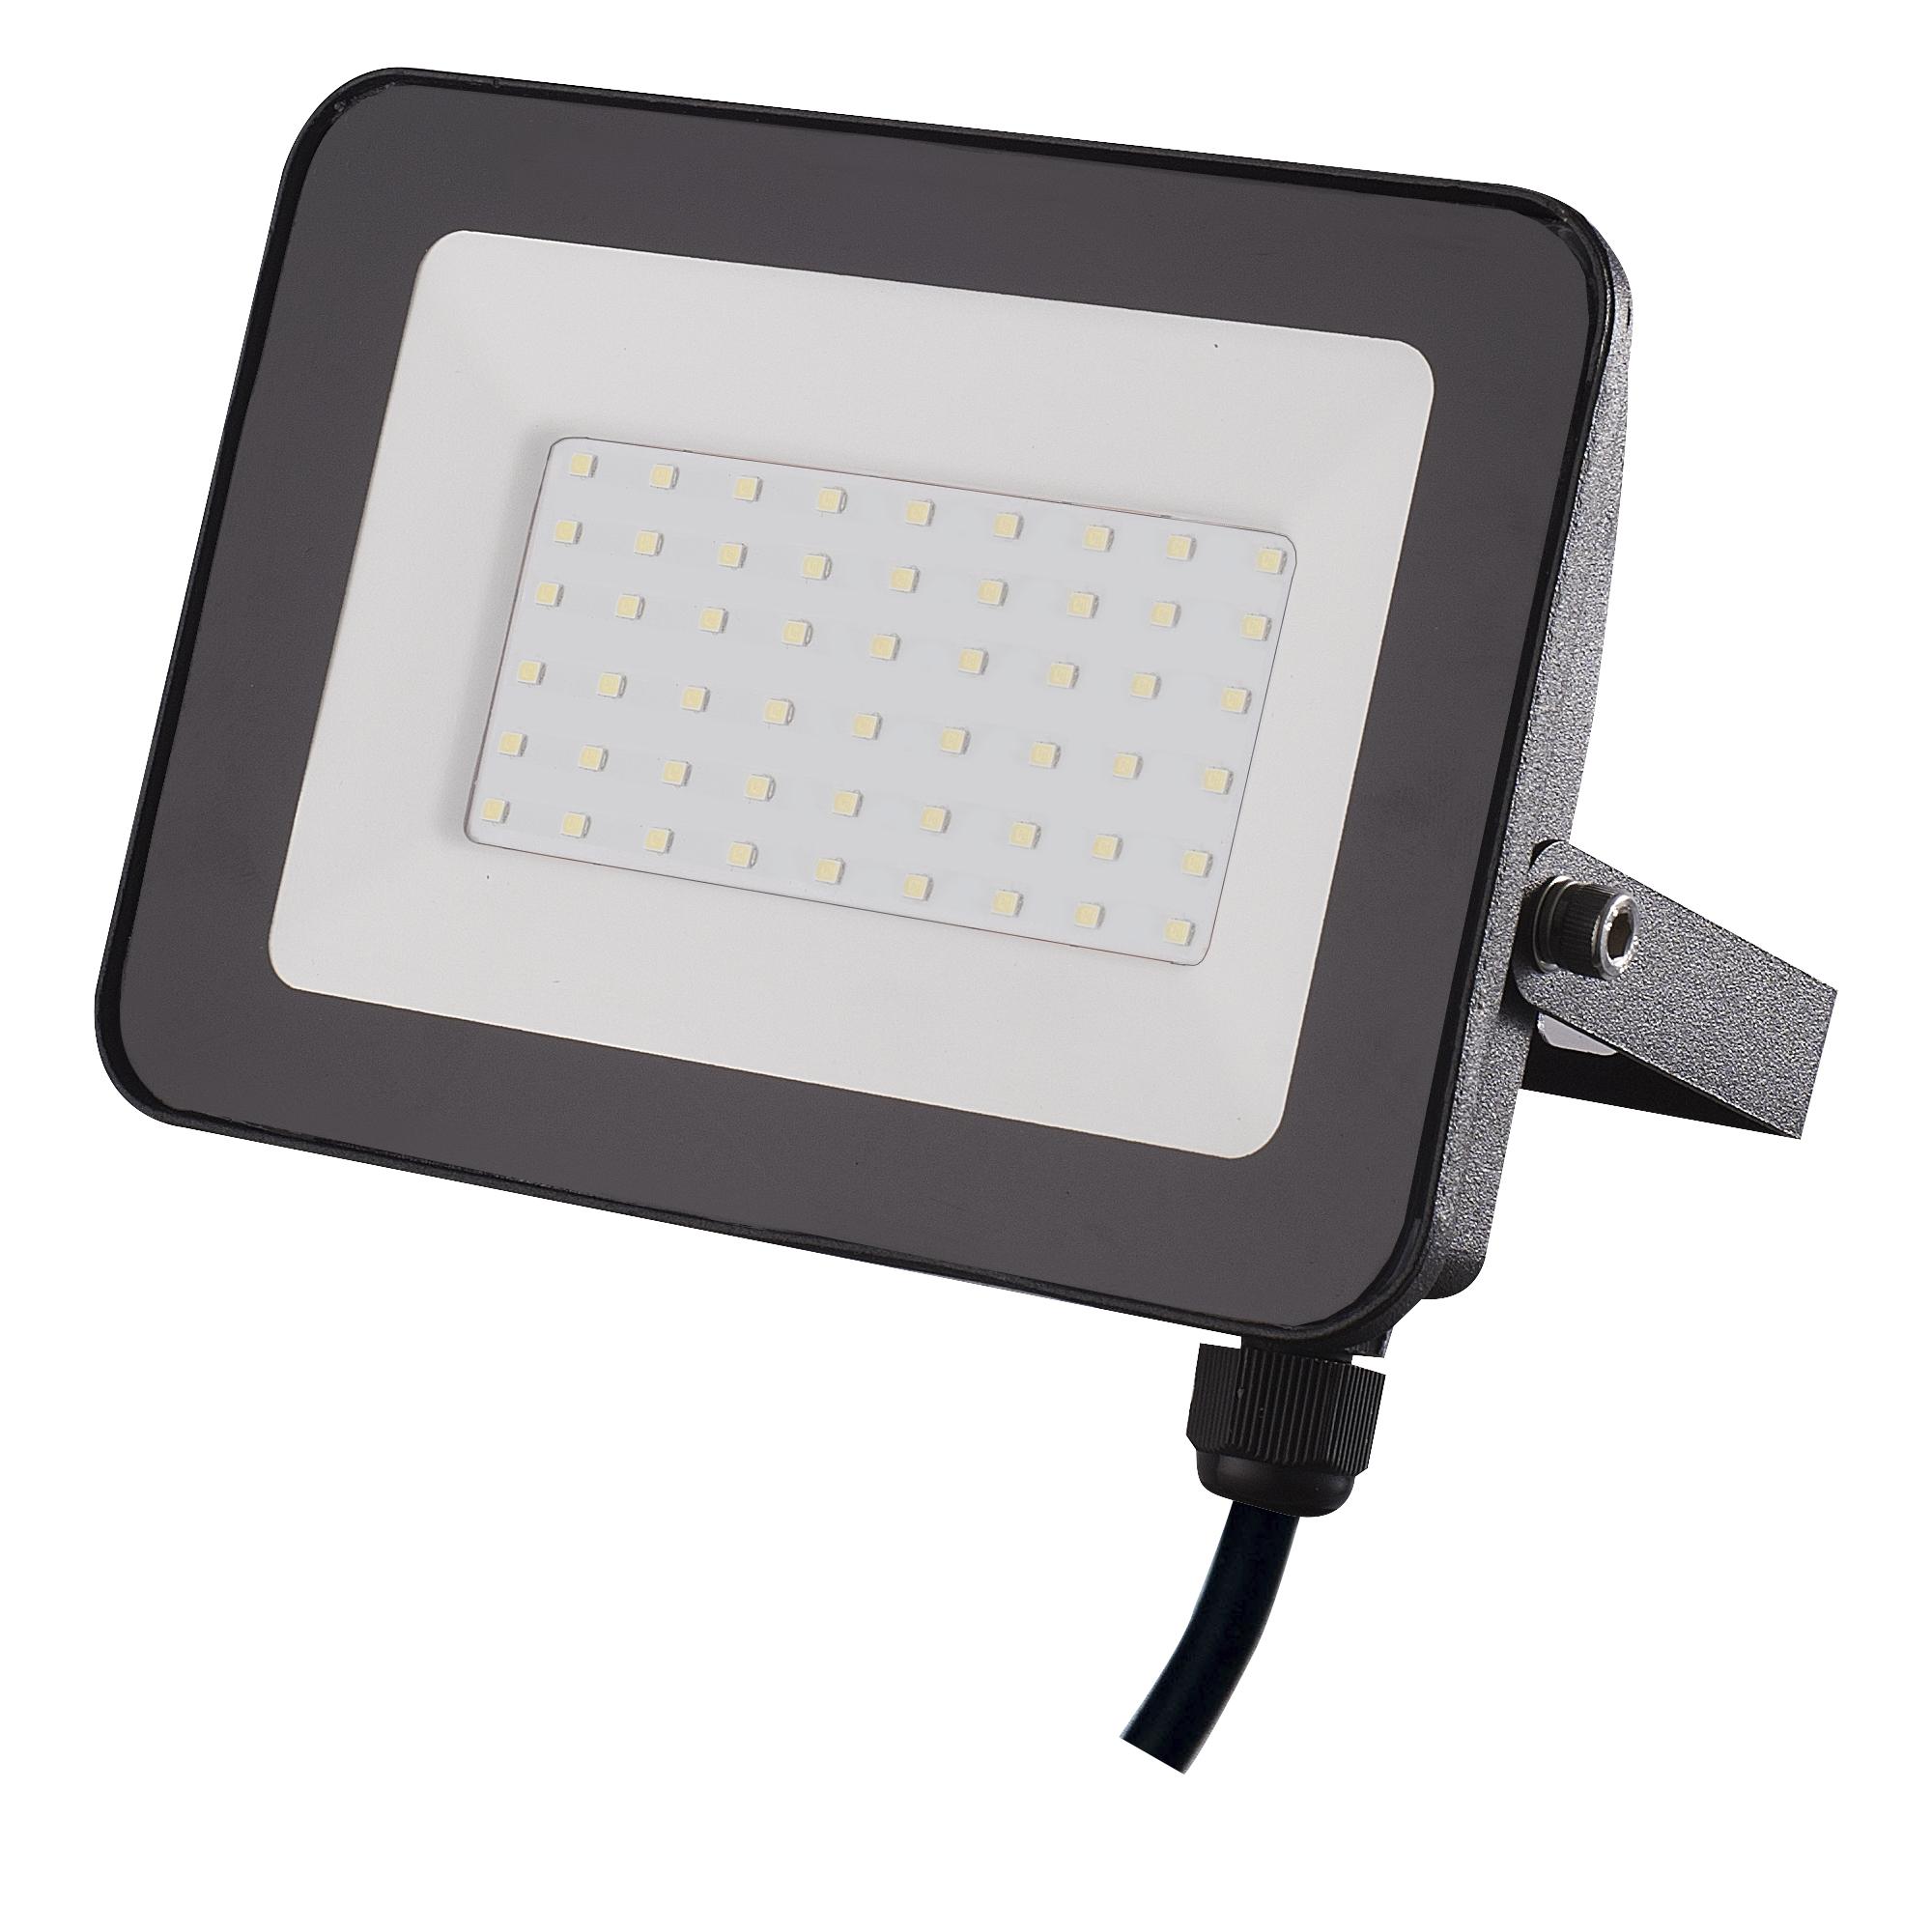 Greenlux LED reflektor DAISY LED SMD 50W studená bílá (GXDS114)